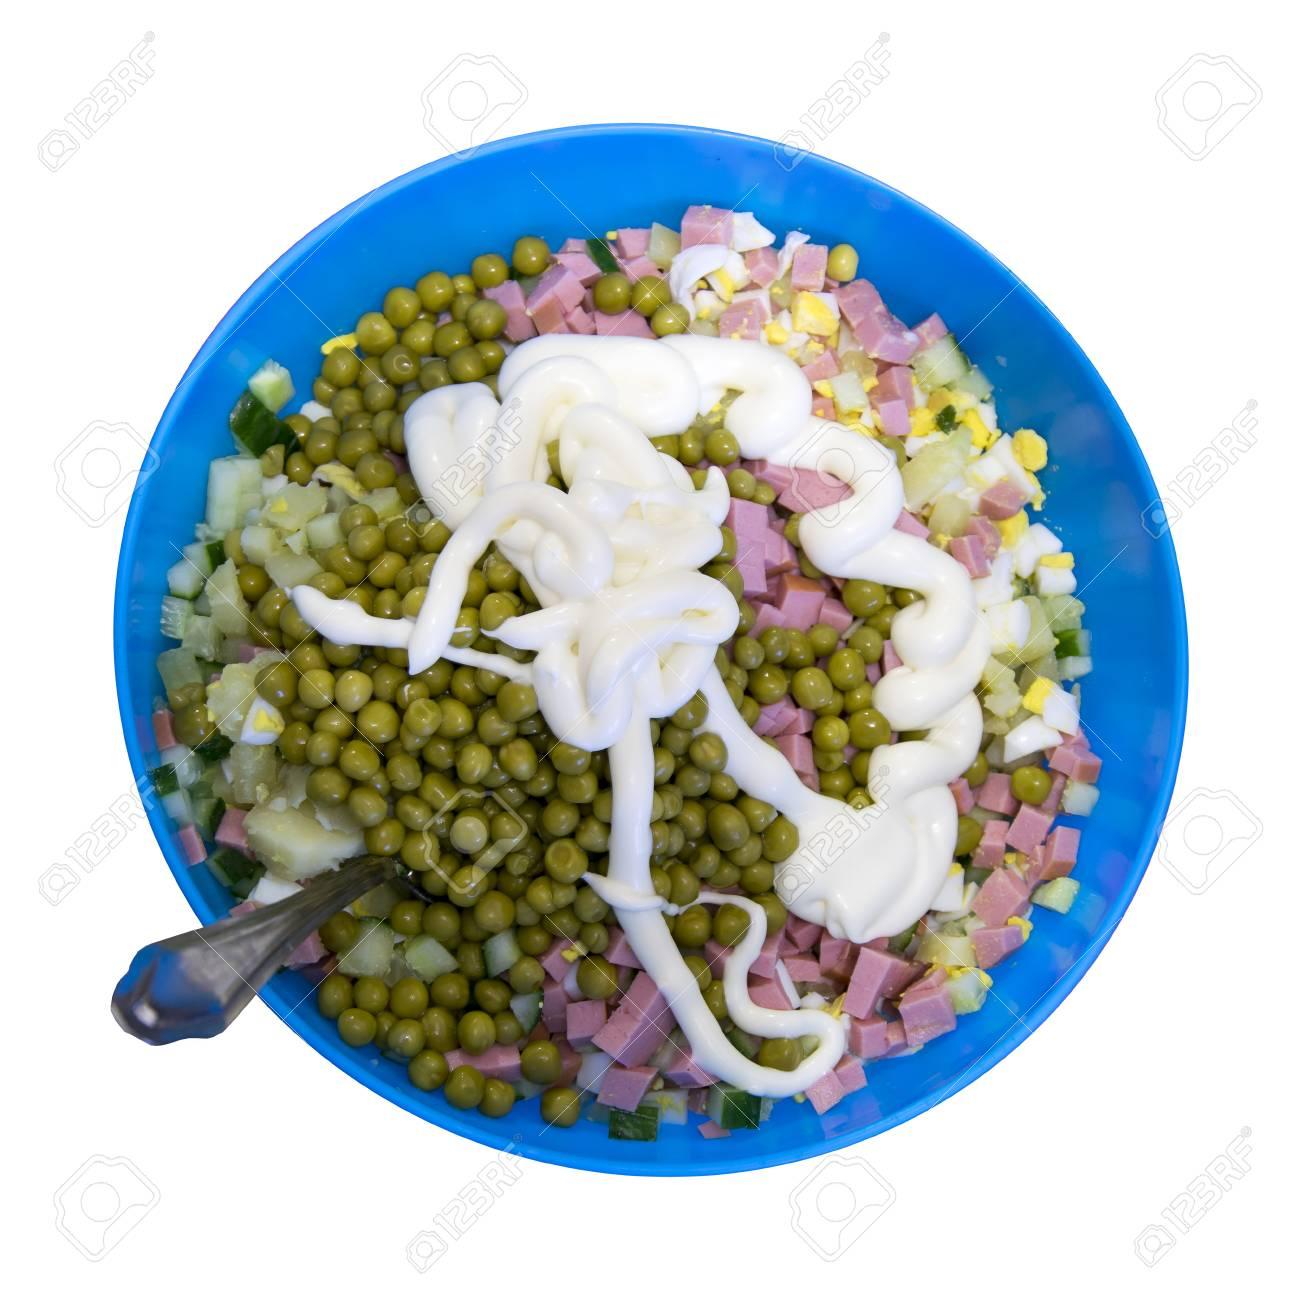 salad top angle view